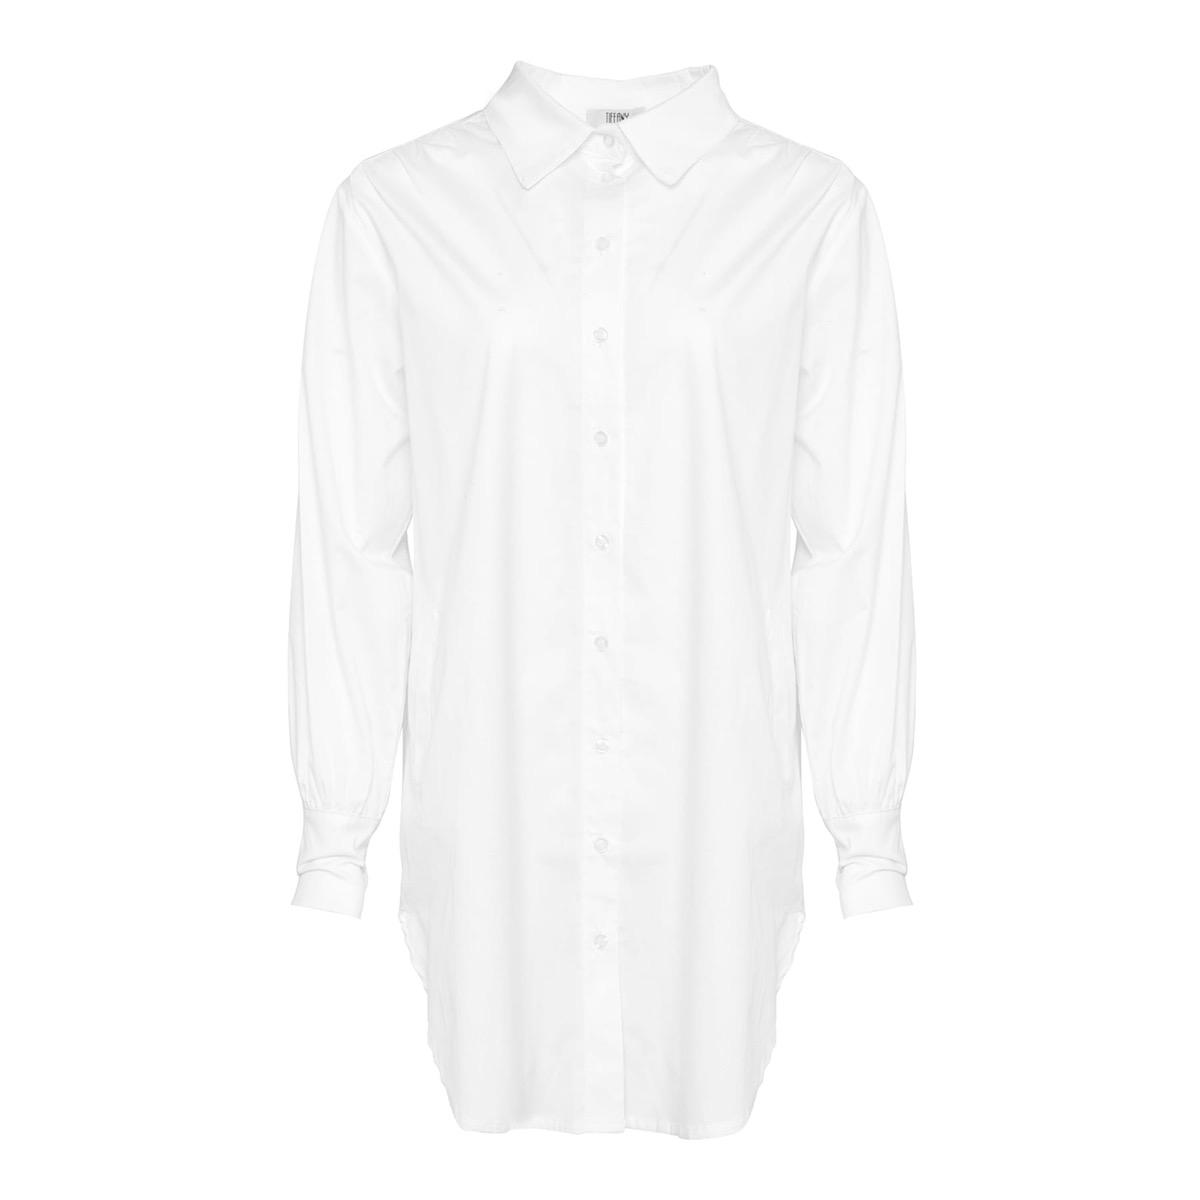 Ella Crinkle Shirt Hvit, Tiffany